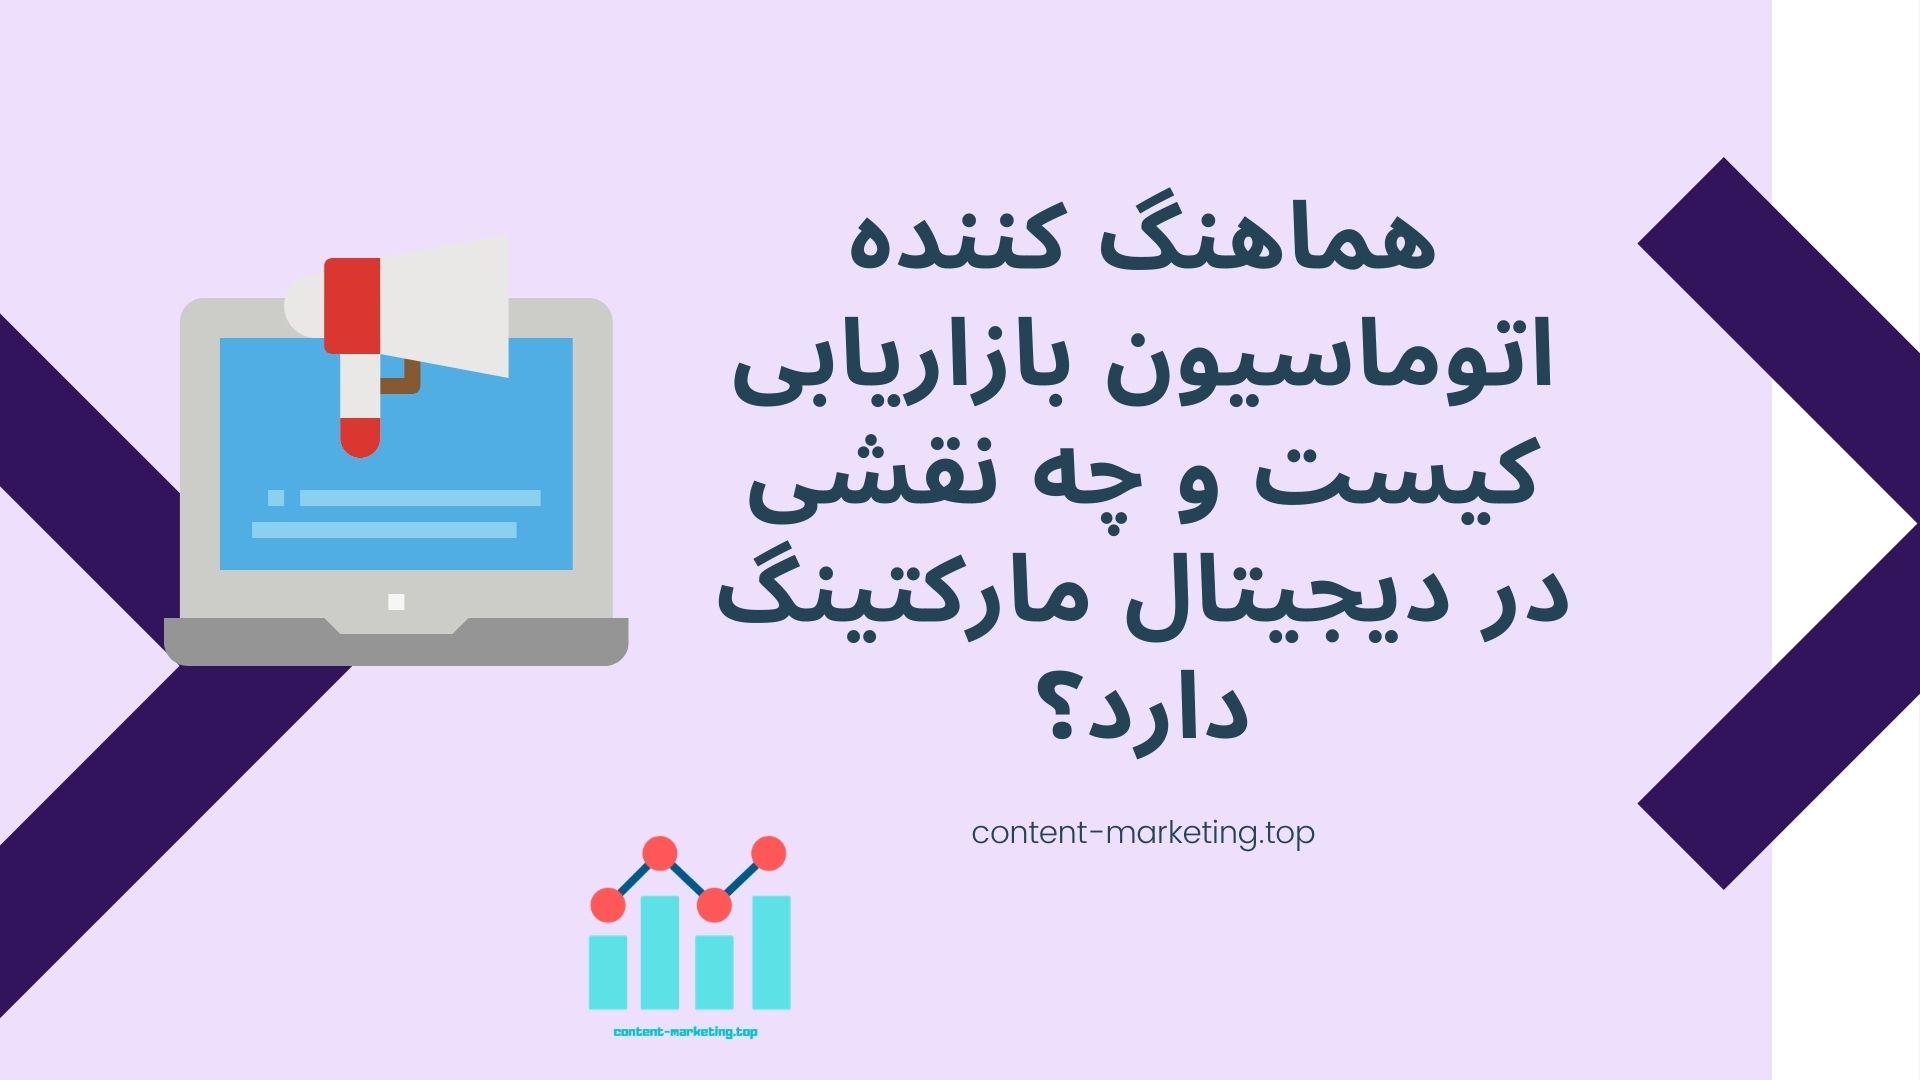 هماهنگ کننده اتوماسیون بازاریابی کیست و چه نقشی در دیجیتال مارکتینگ دارد؟